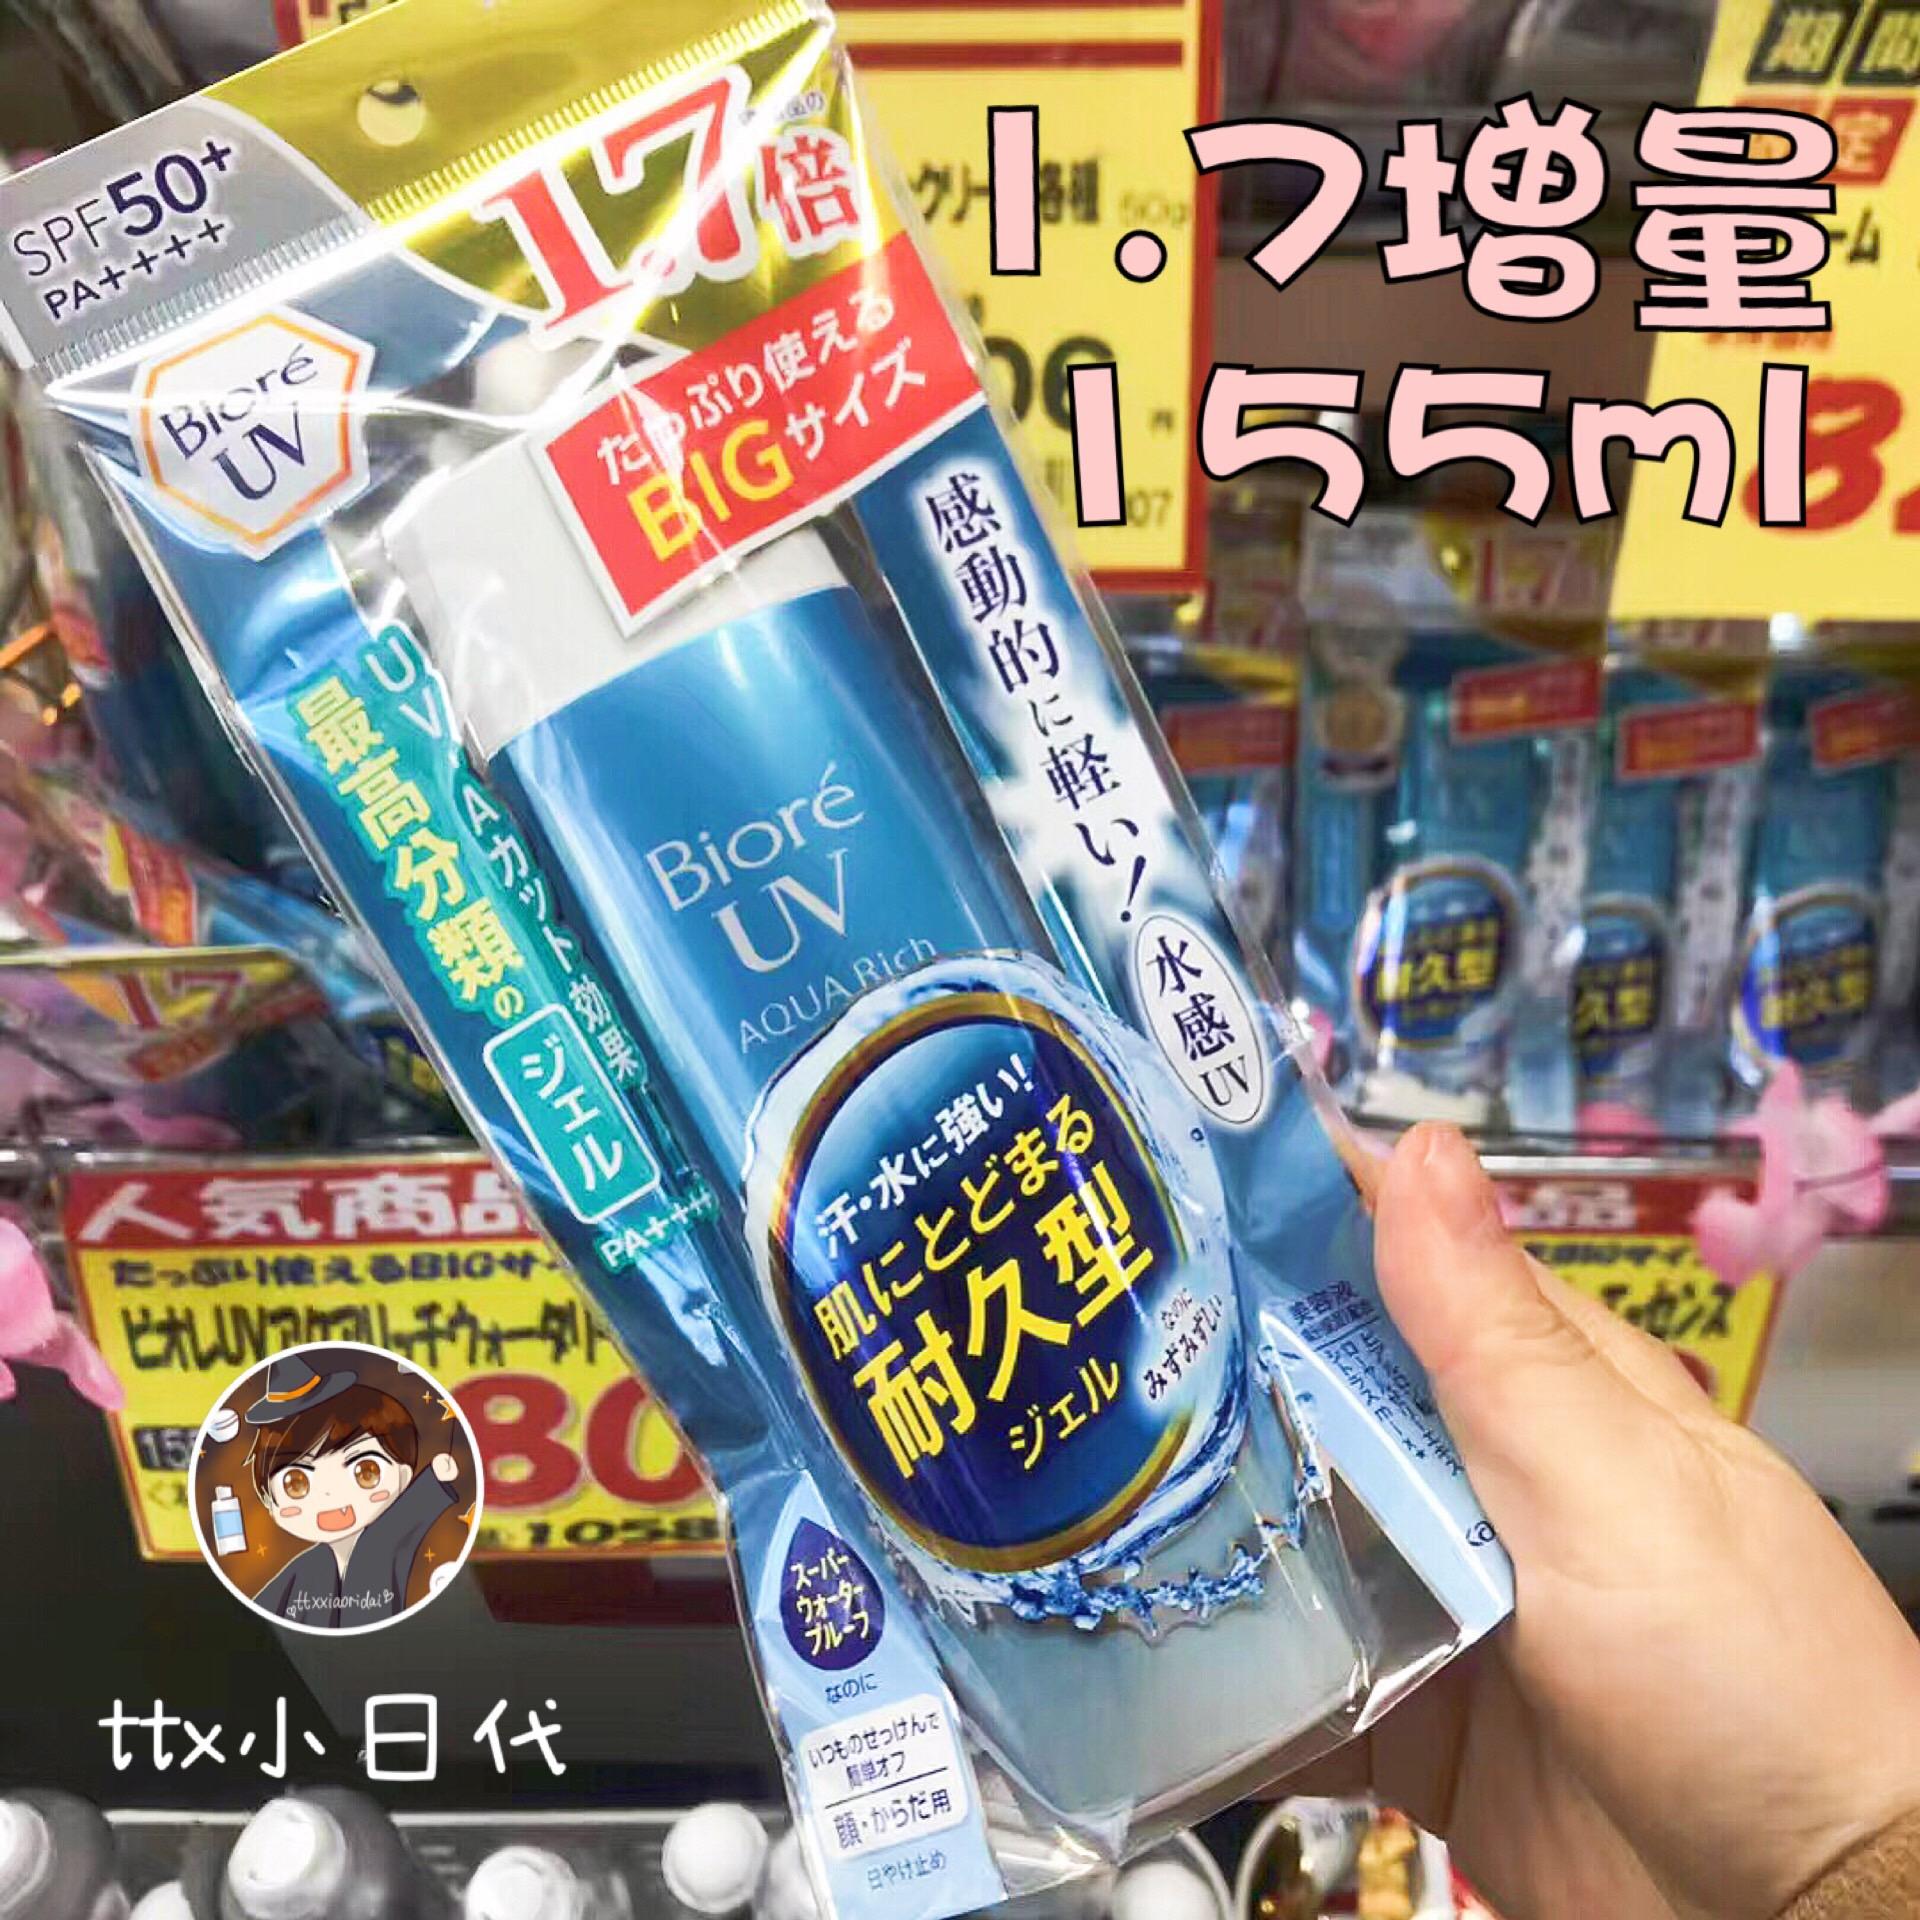 日本包邮 现货 Biore/碧柔 防晒水感�ㄠ�防晒霜SPF50 增量155ml